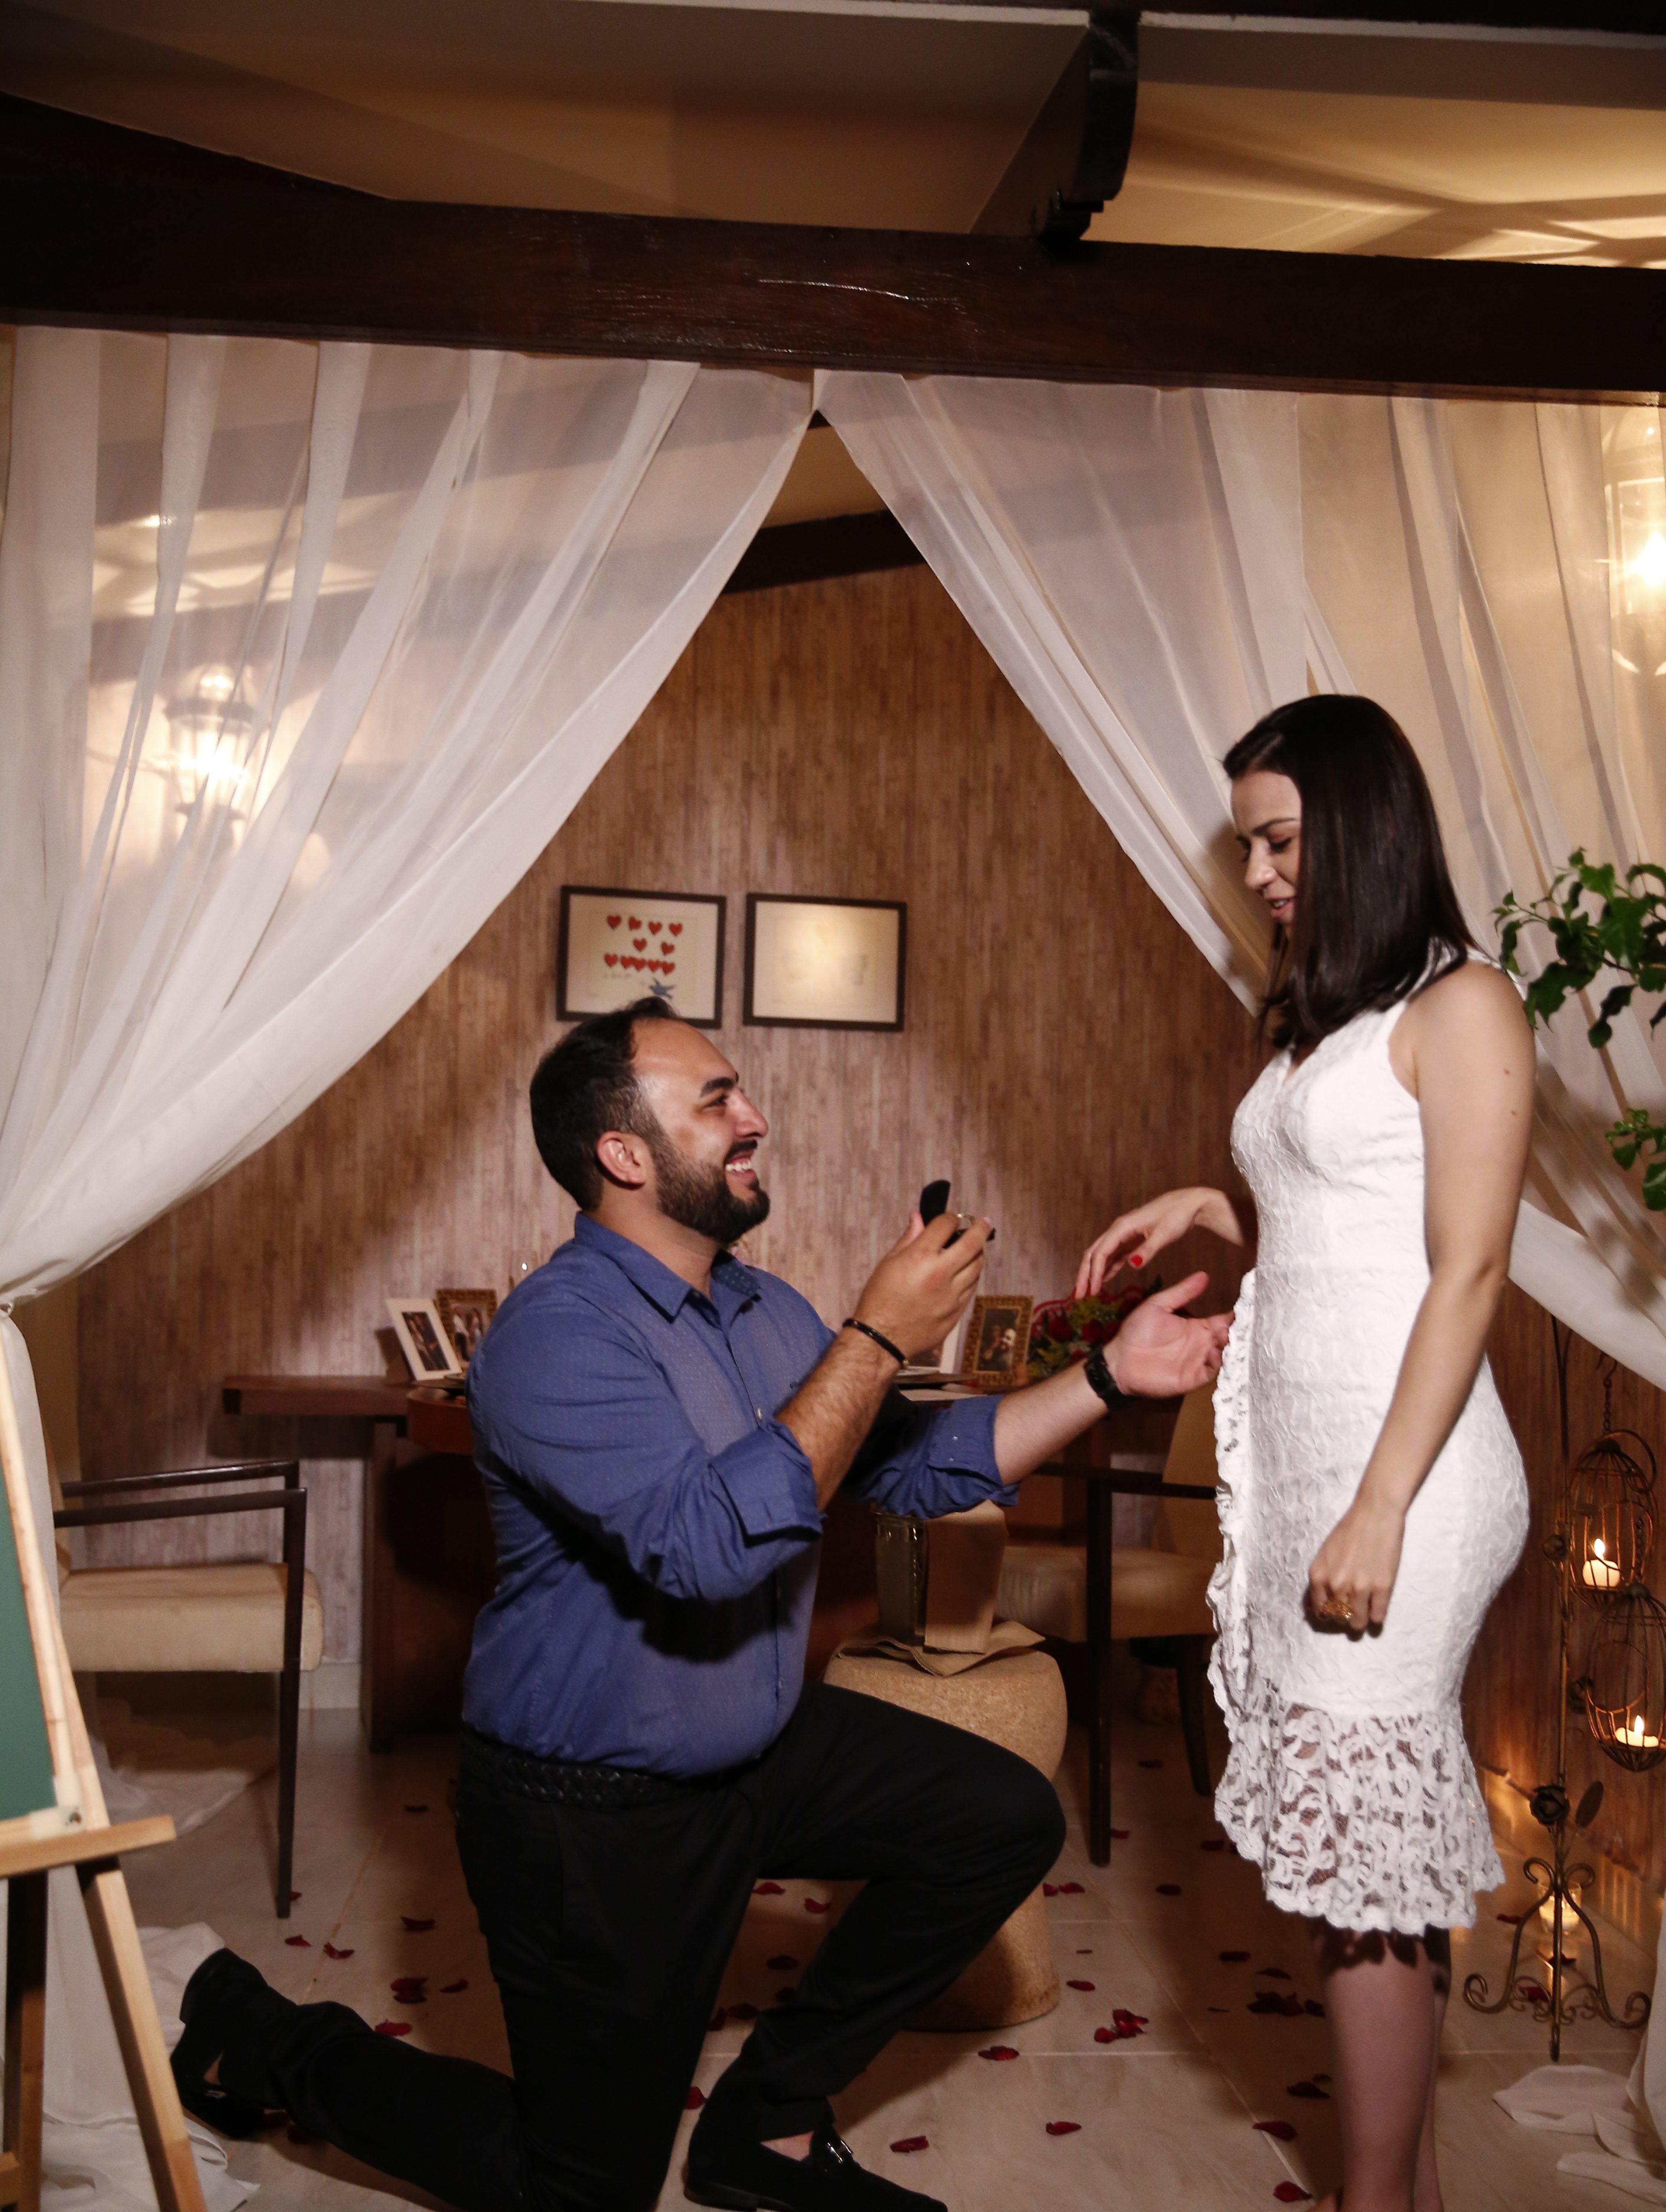 mulher recebendo um pedido de casamento surpresa